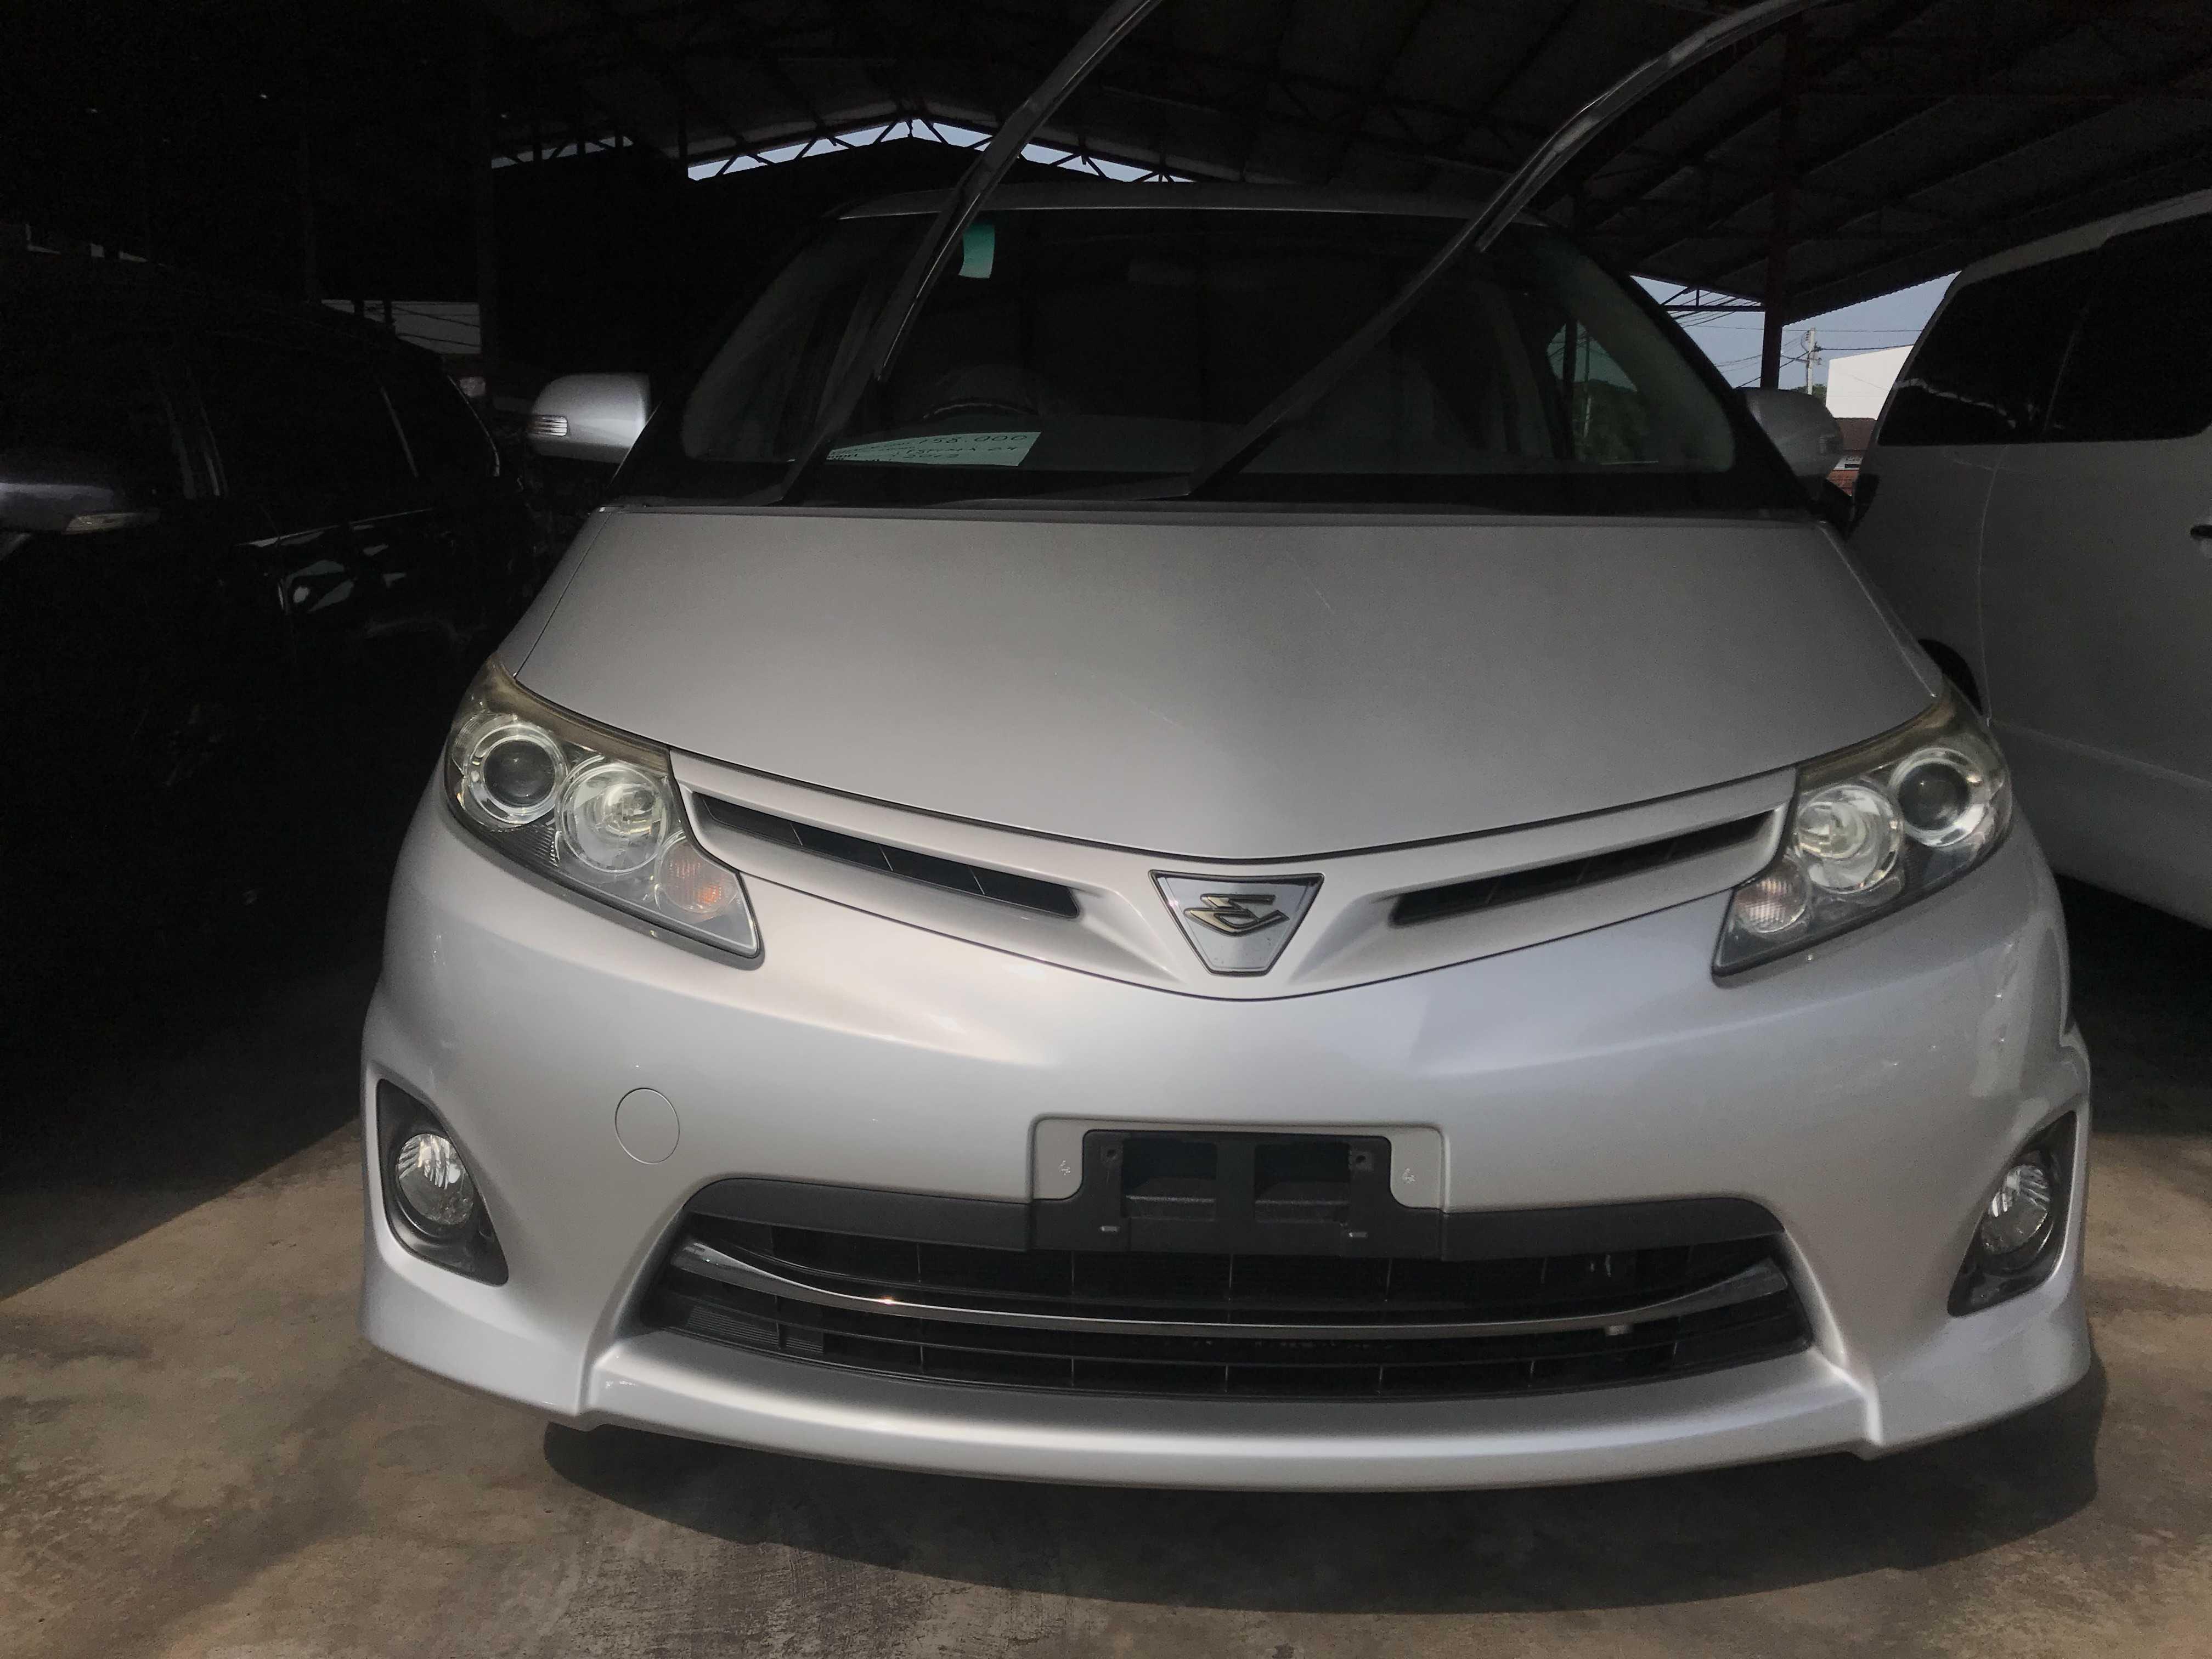 Toyota Estima Aeras 2.4 (A)